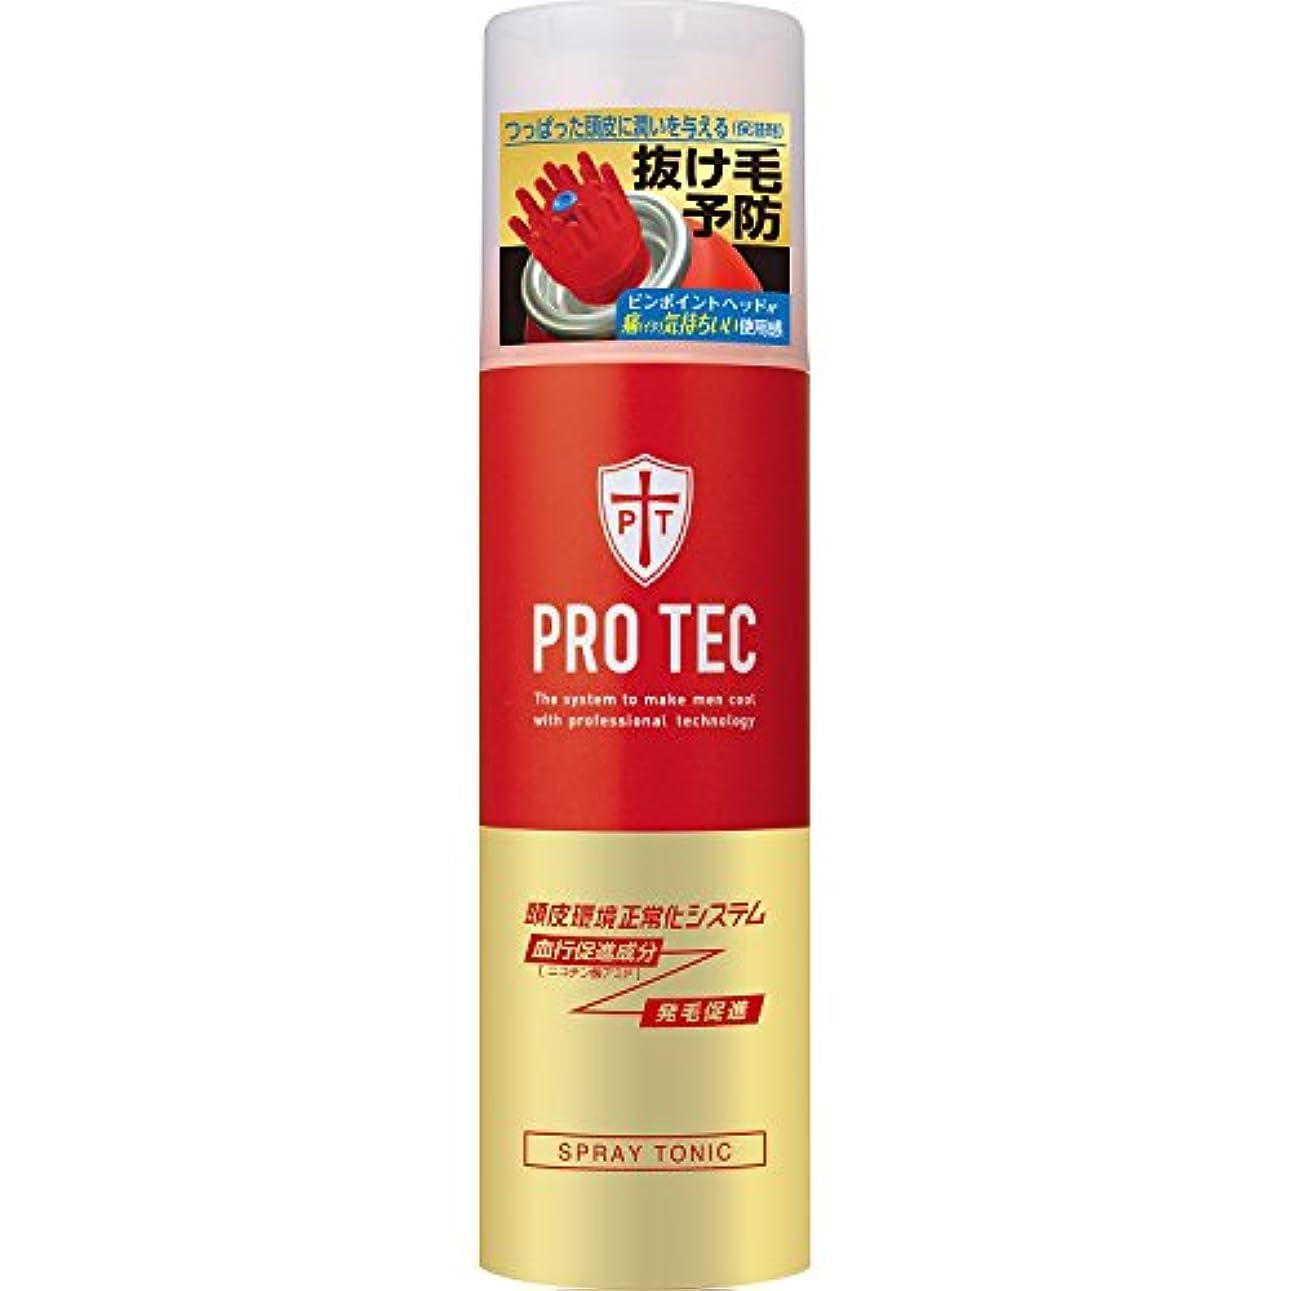 仕える推論運命PRO TEC(プロテク) スプレートニック 150g(医薬部外品)